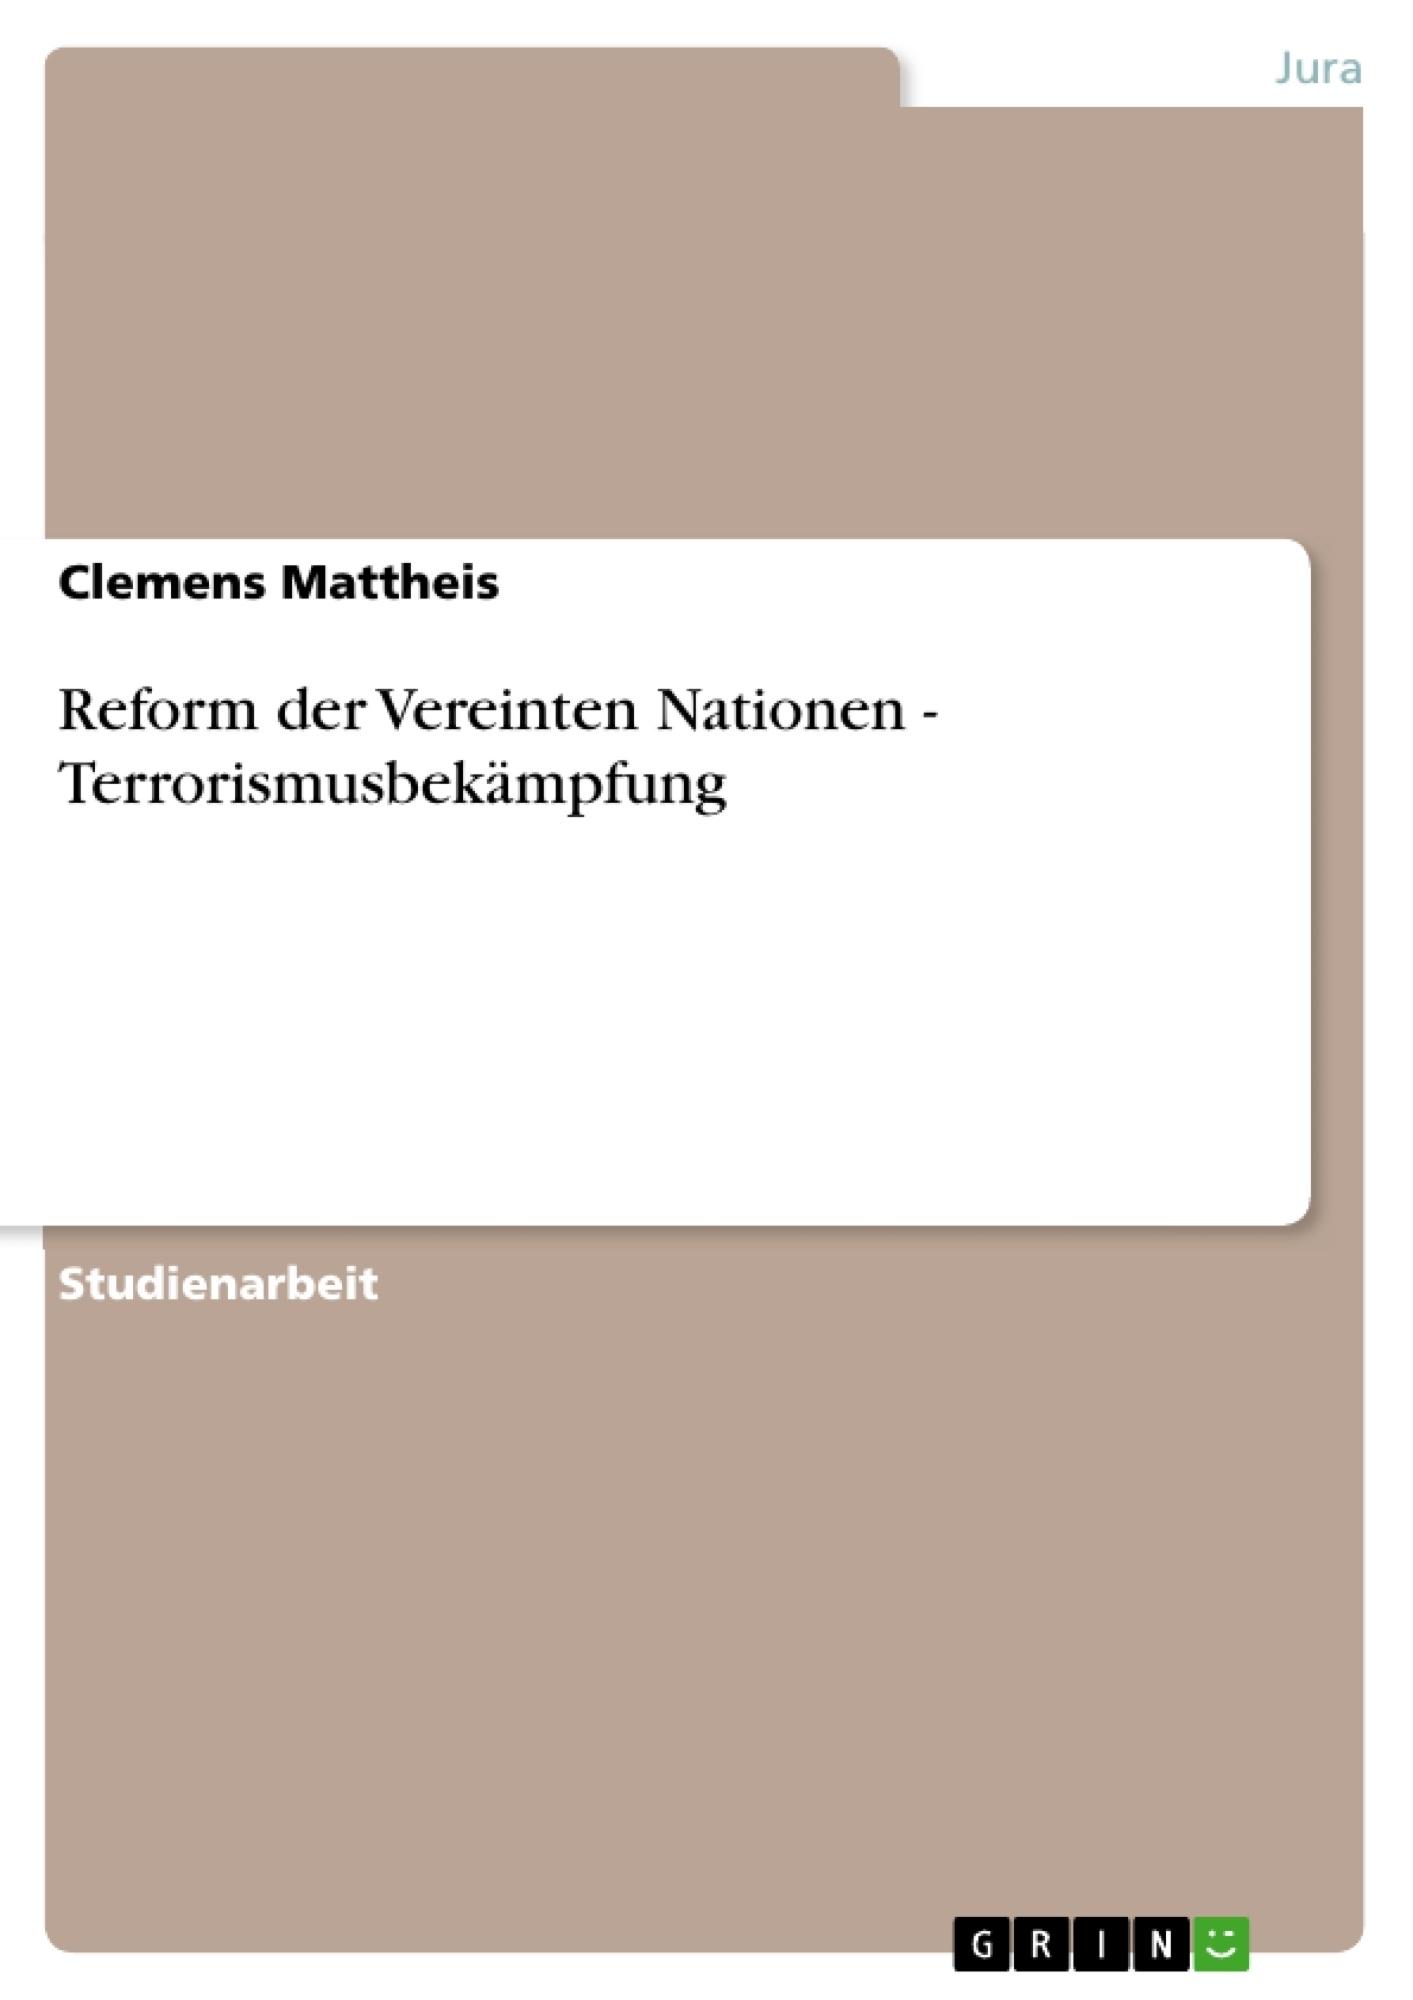 Titel: Reform der Vereinten Nationen - Terrorismusbekämpfung